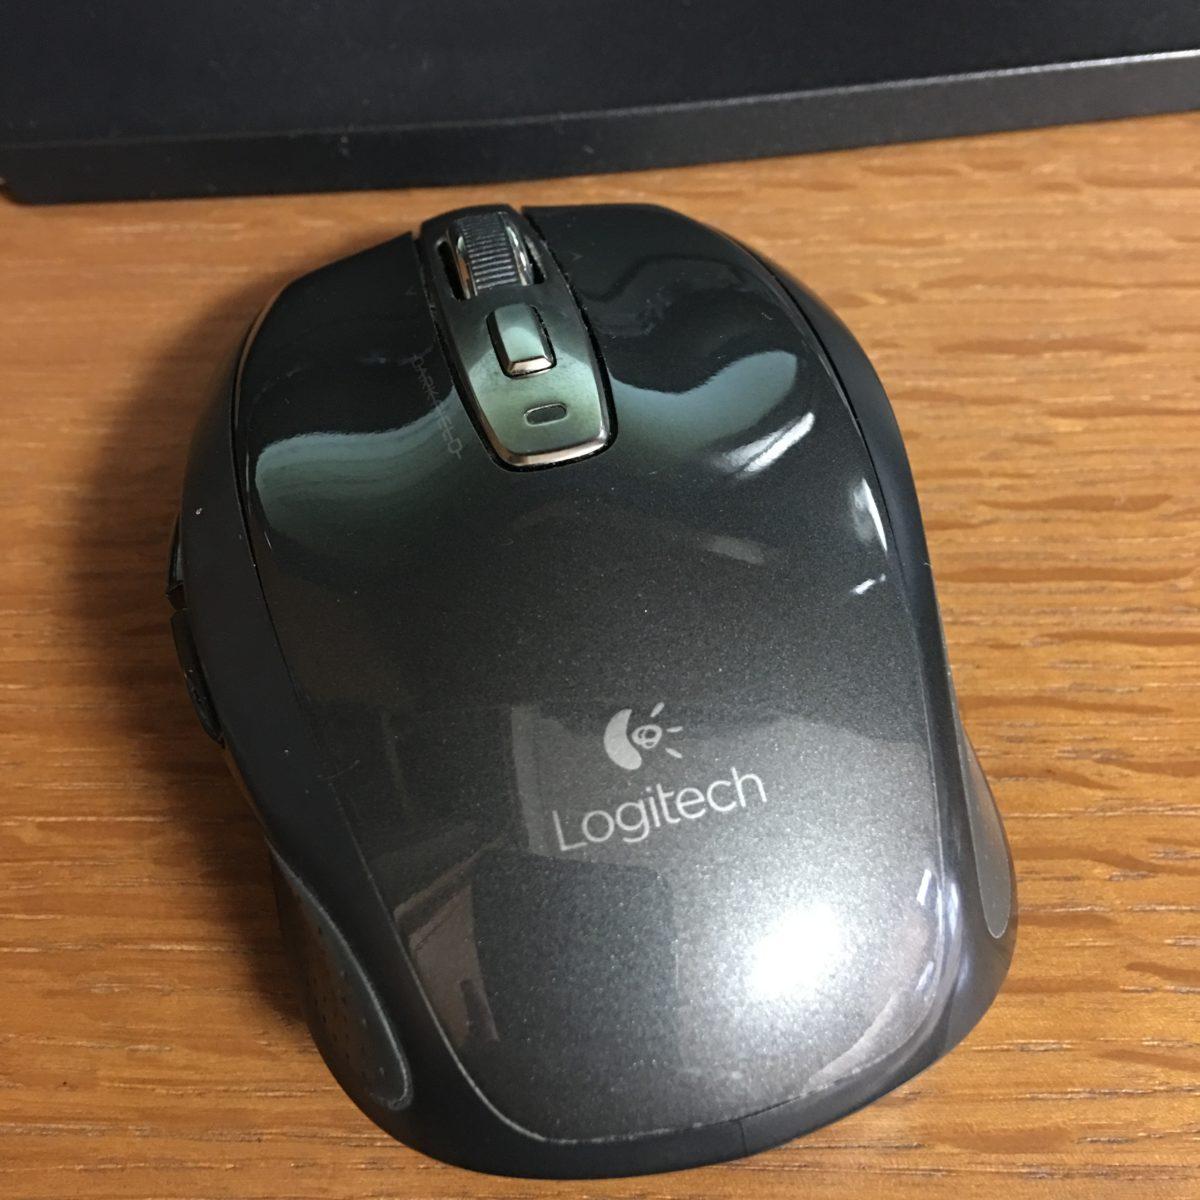 いかれたマウスを直してみた